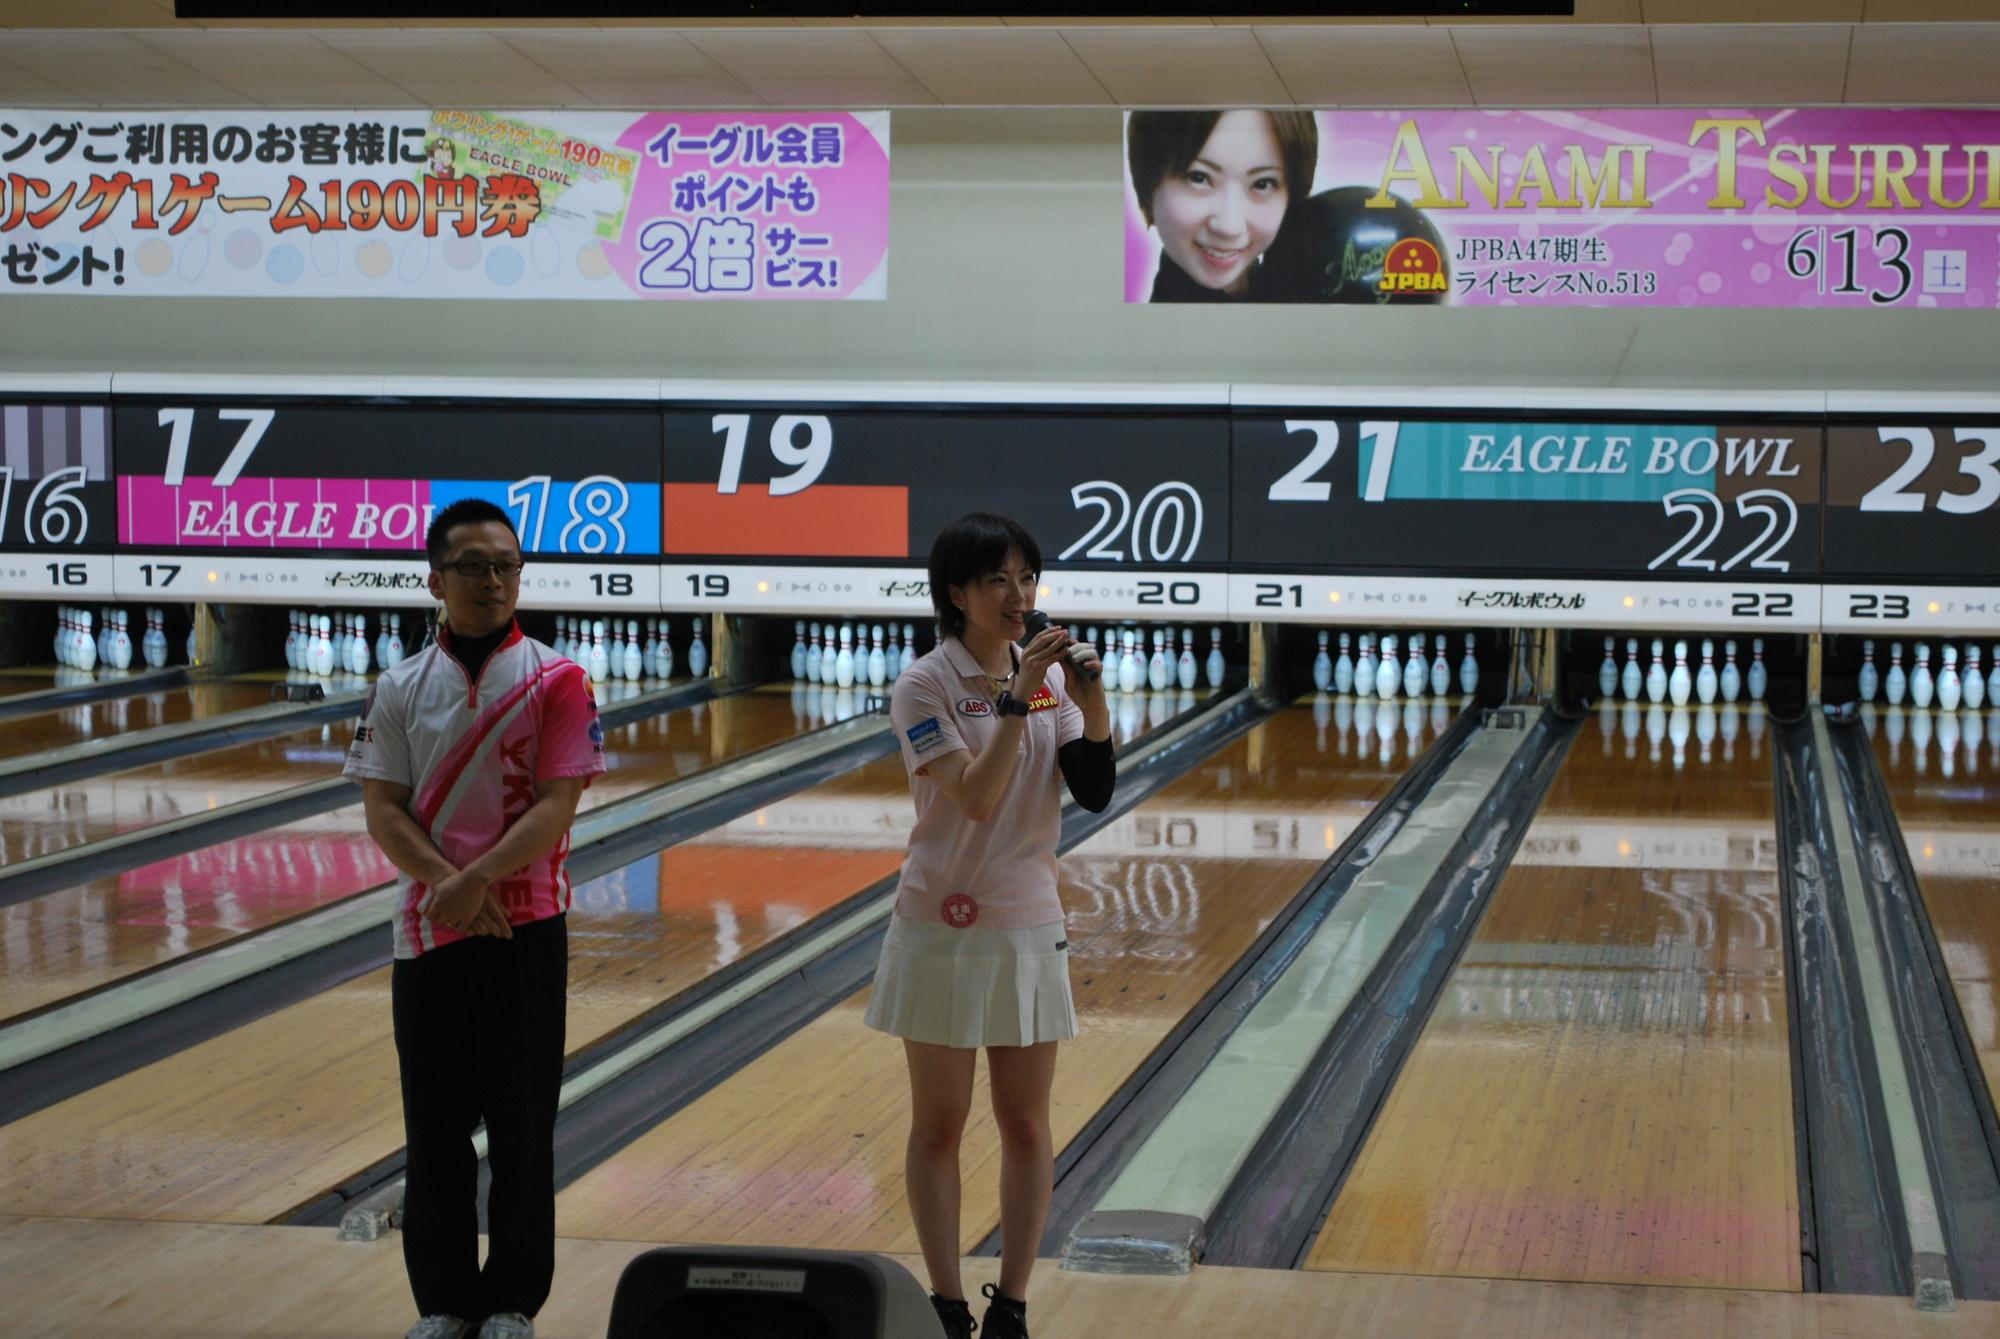 6/13 鶴井亜南プロチャレンジ